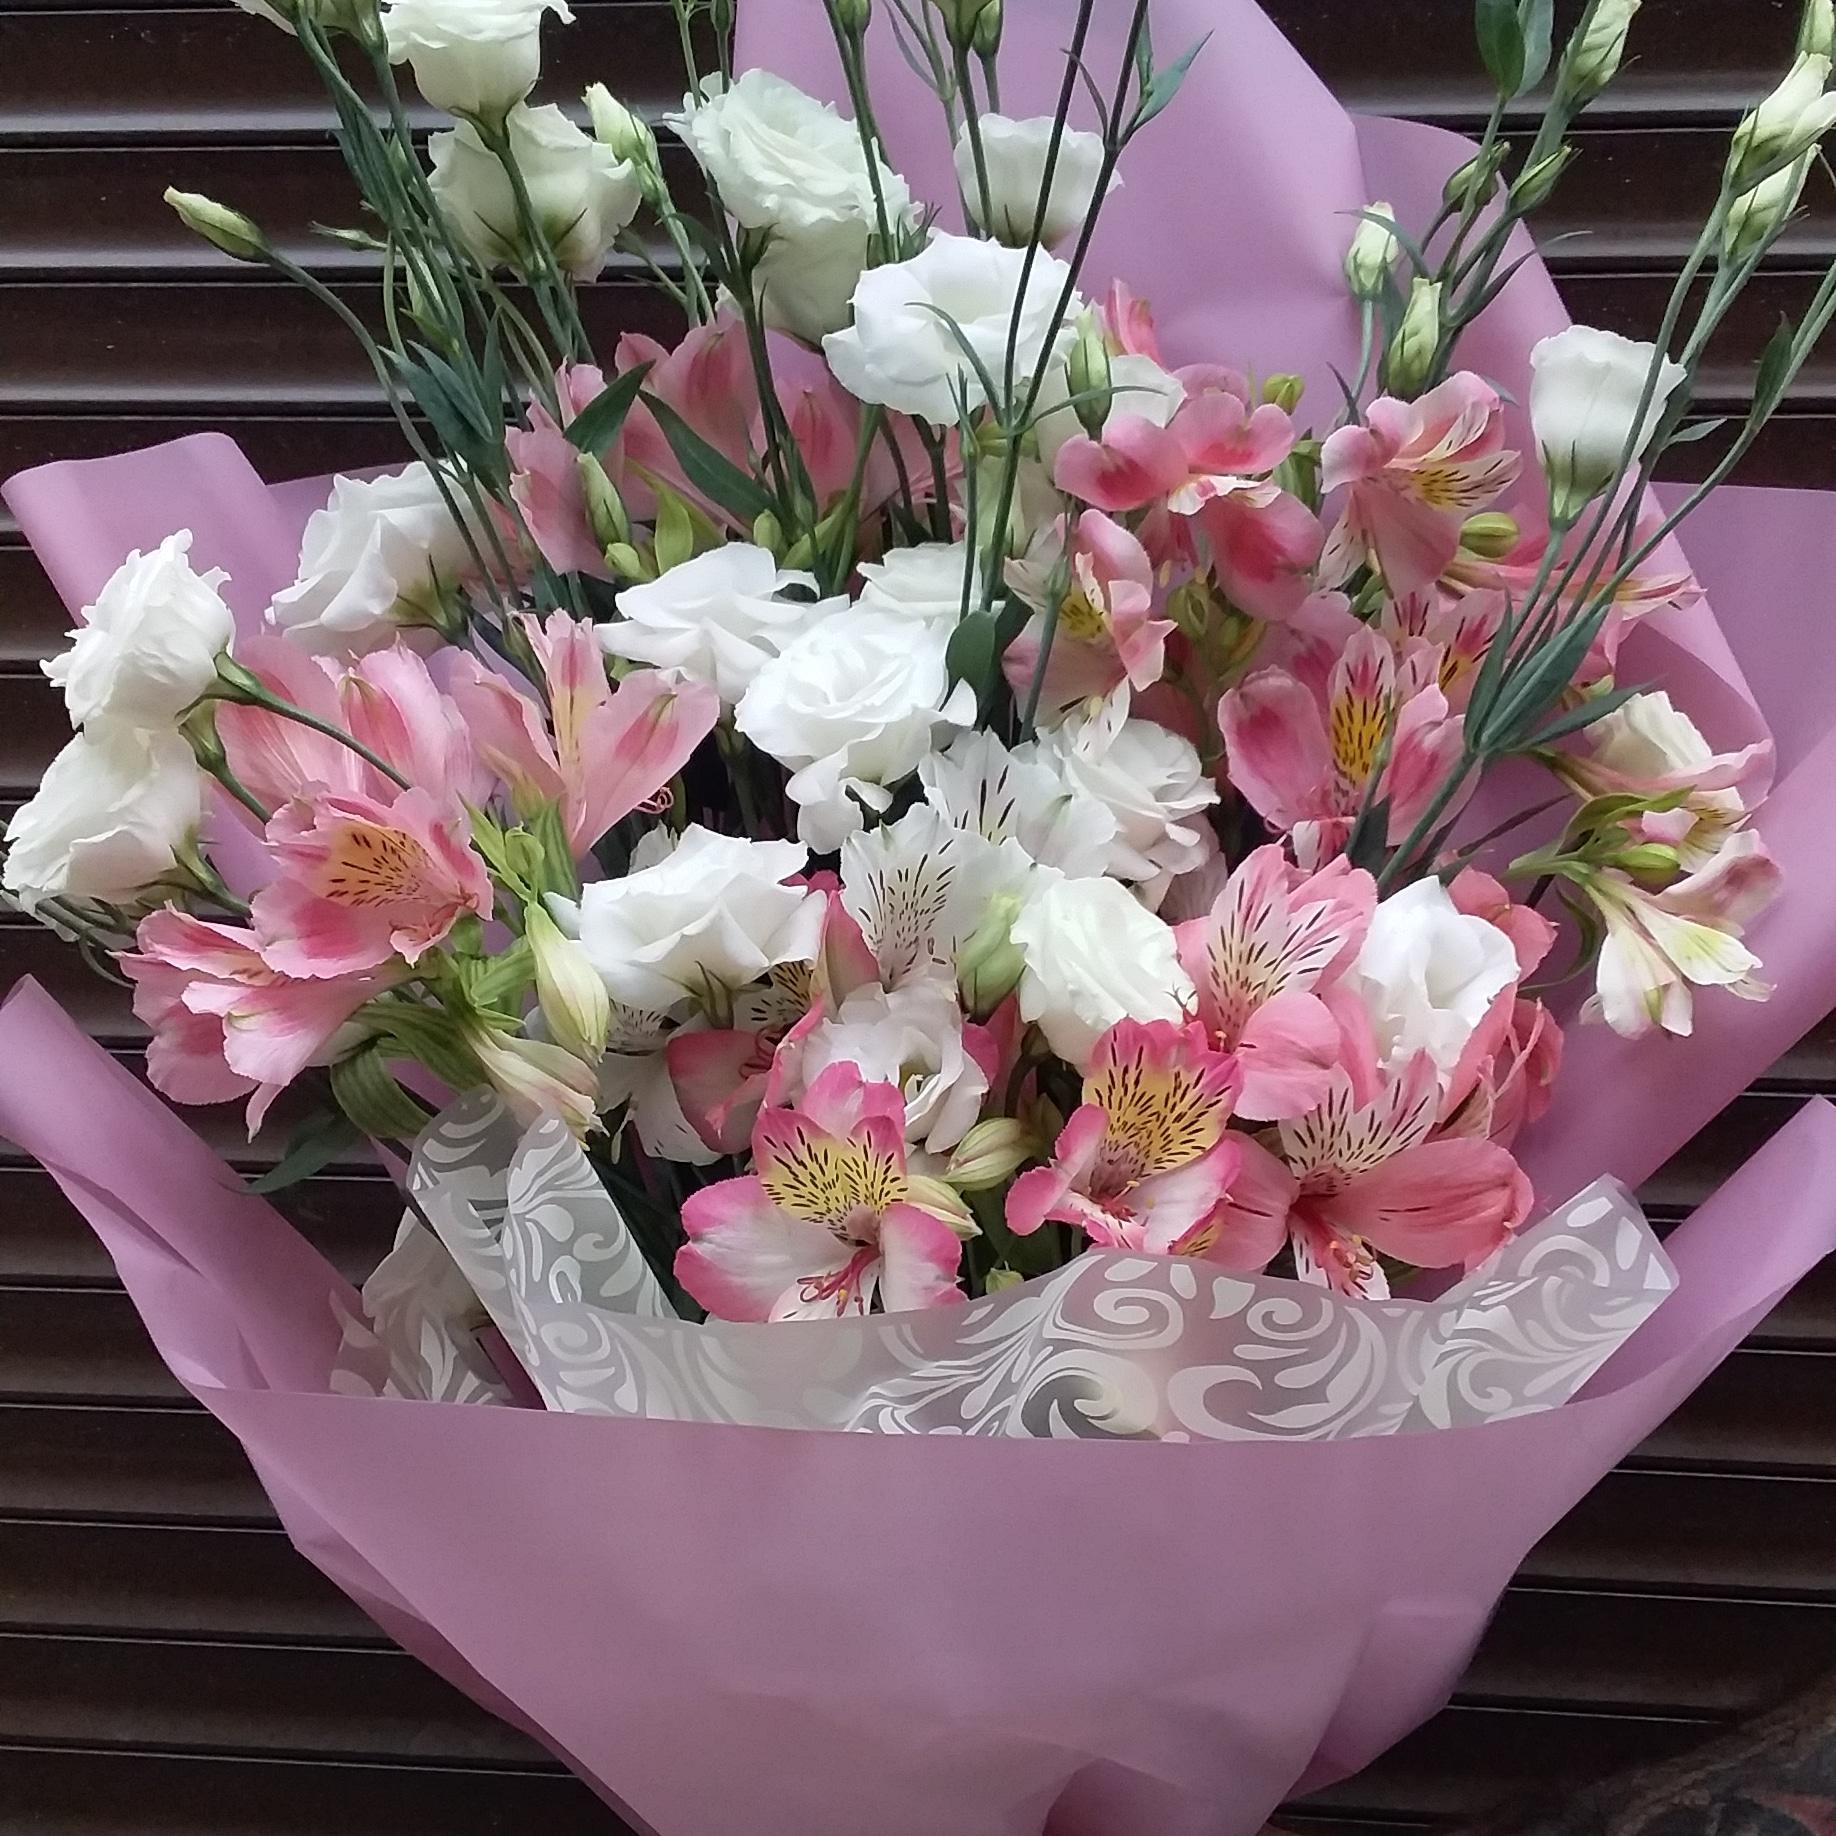 Живые цветы доставка в севастополе купить, старостам цветы доставкой